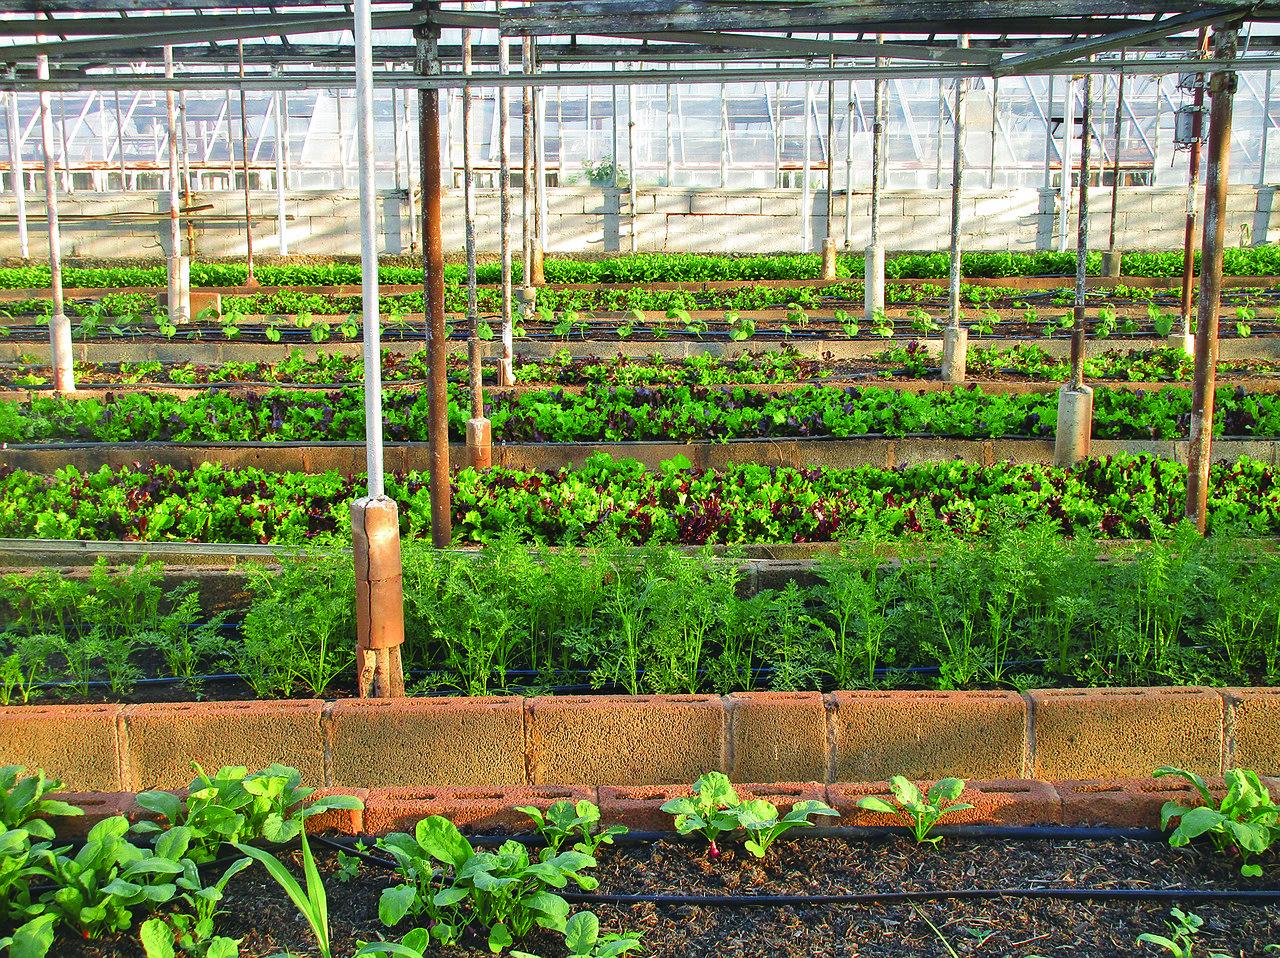 Sodobno ekološko kmetijstvo